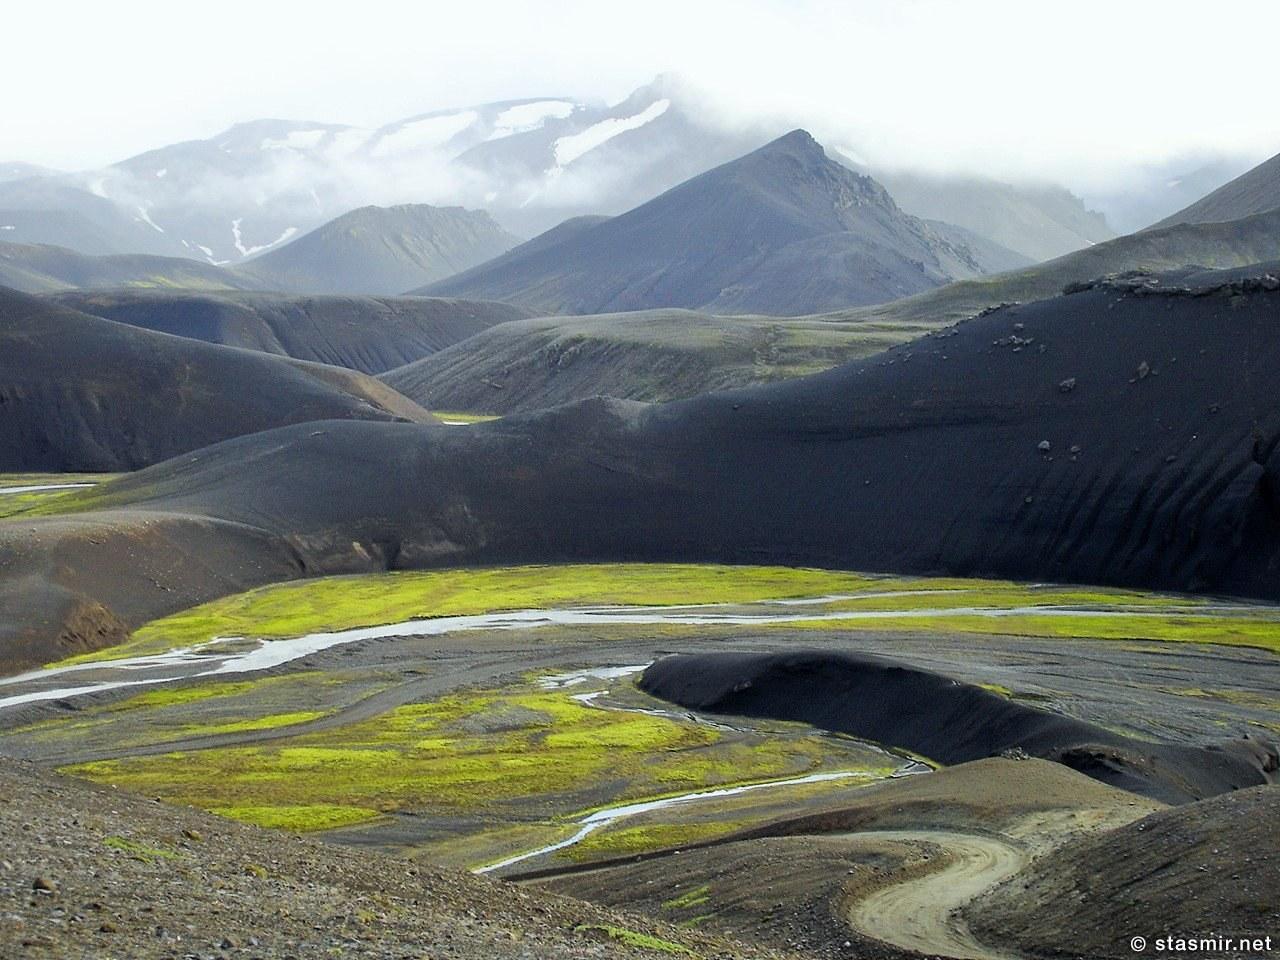 Fjallabaksleið - красивейший путь за горами, фото Стасмир, Photo Stasmir